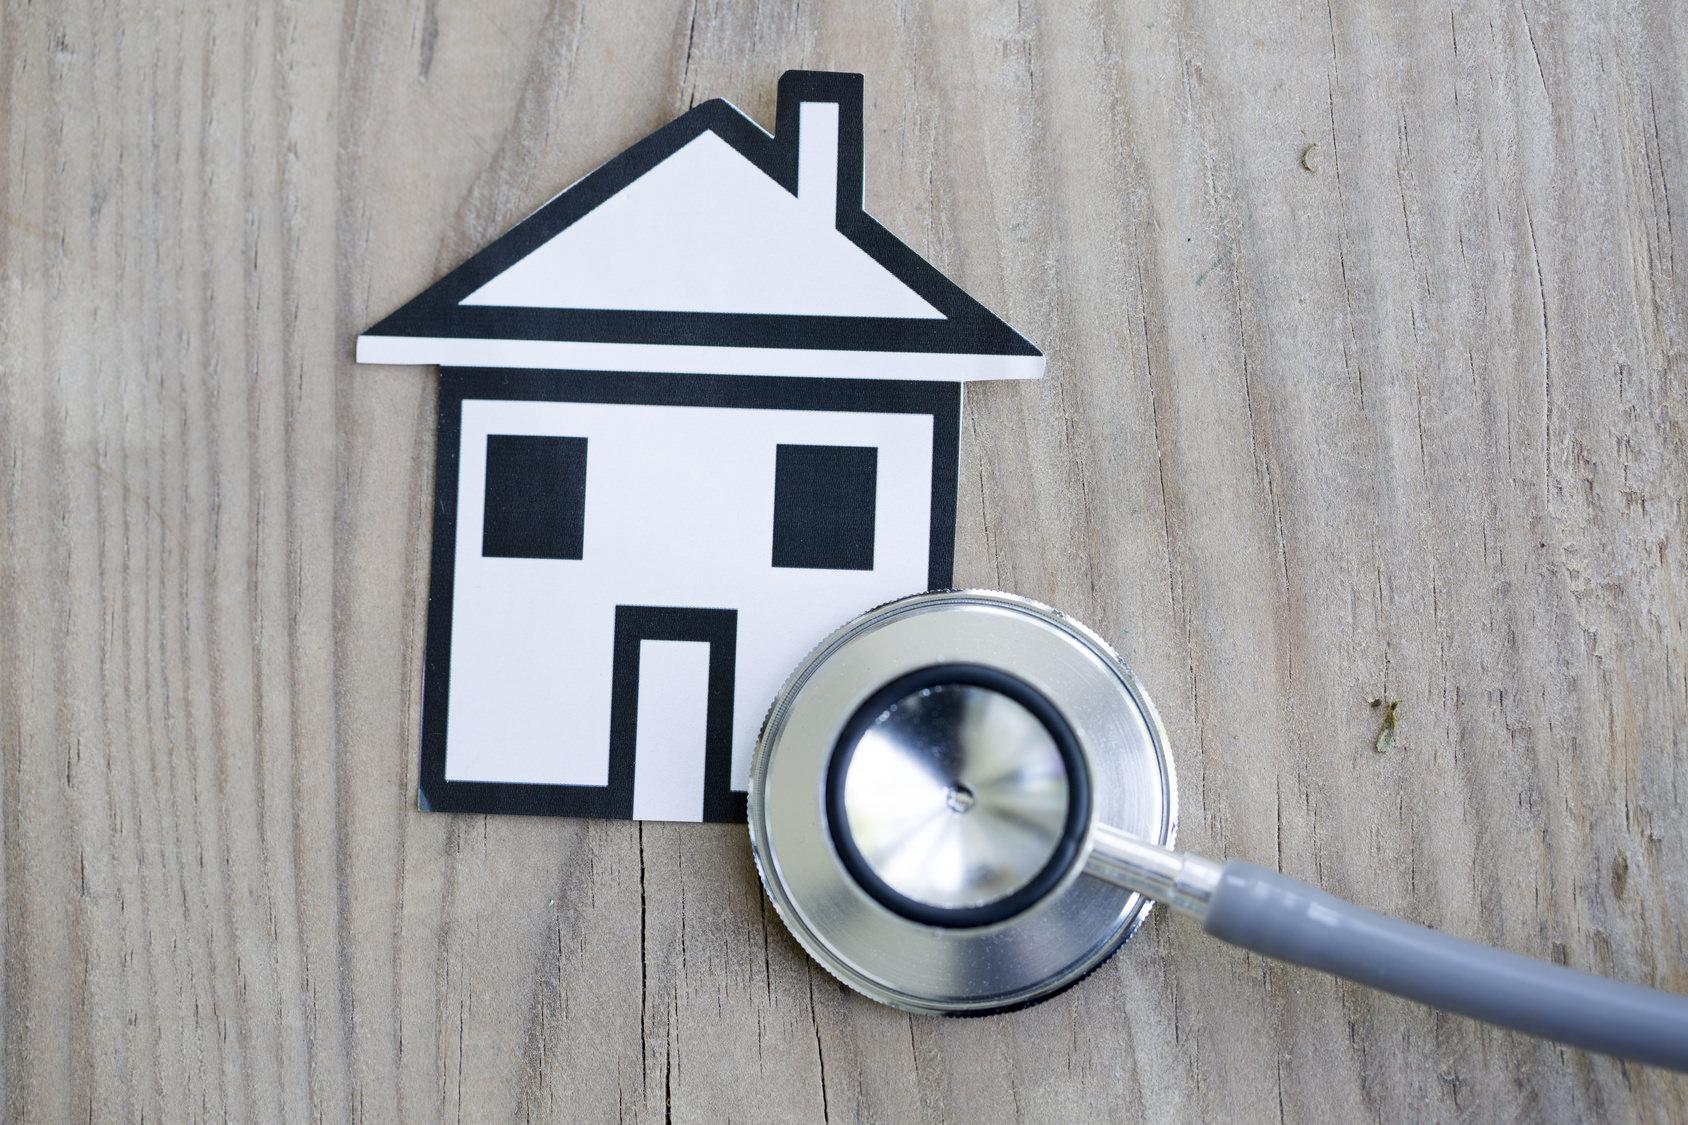 diagnostics immobiliers obligatoires pour louer e g rance. Black Bedroom Furniture Sets. Home Design Ideas